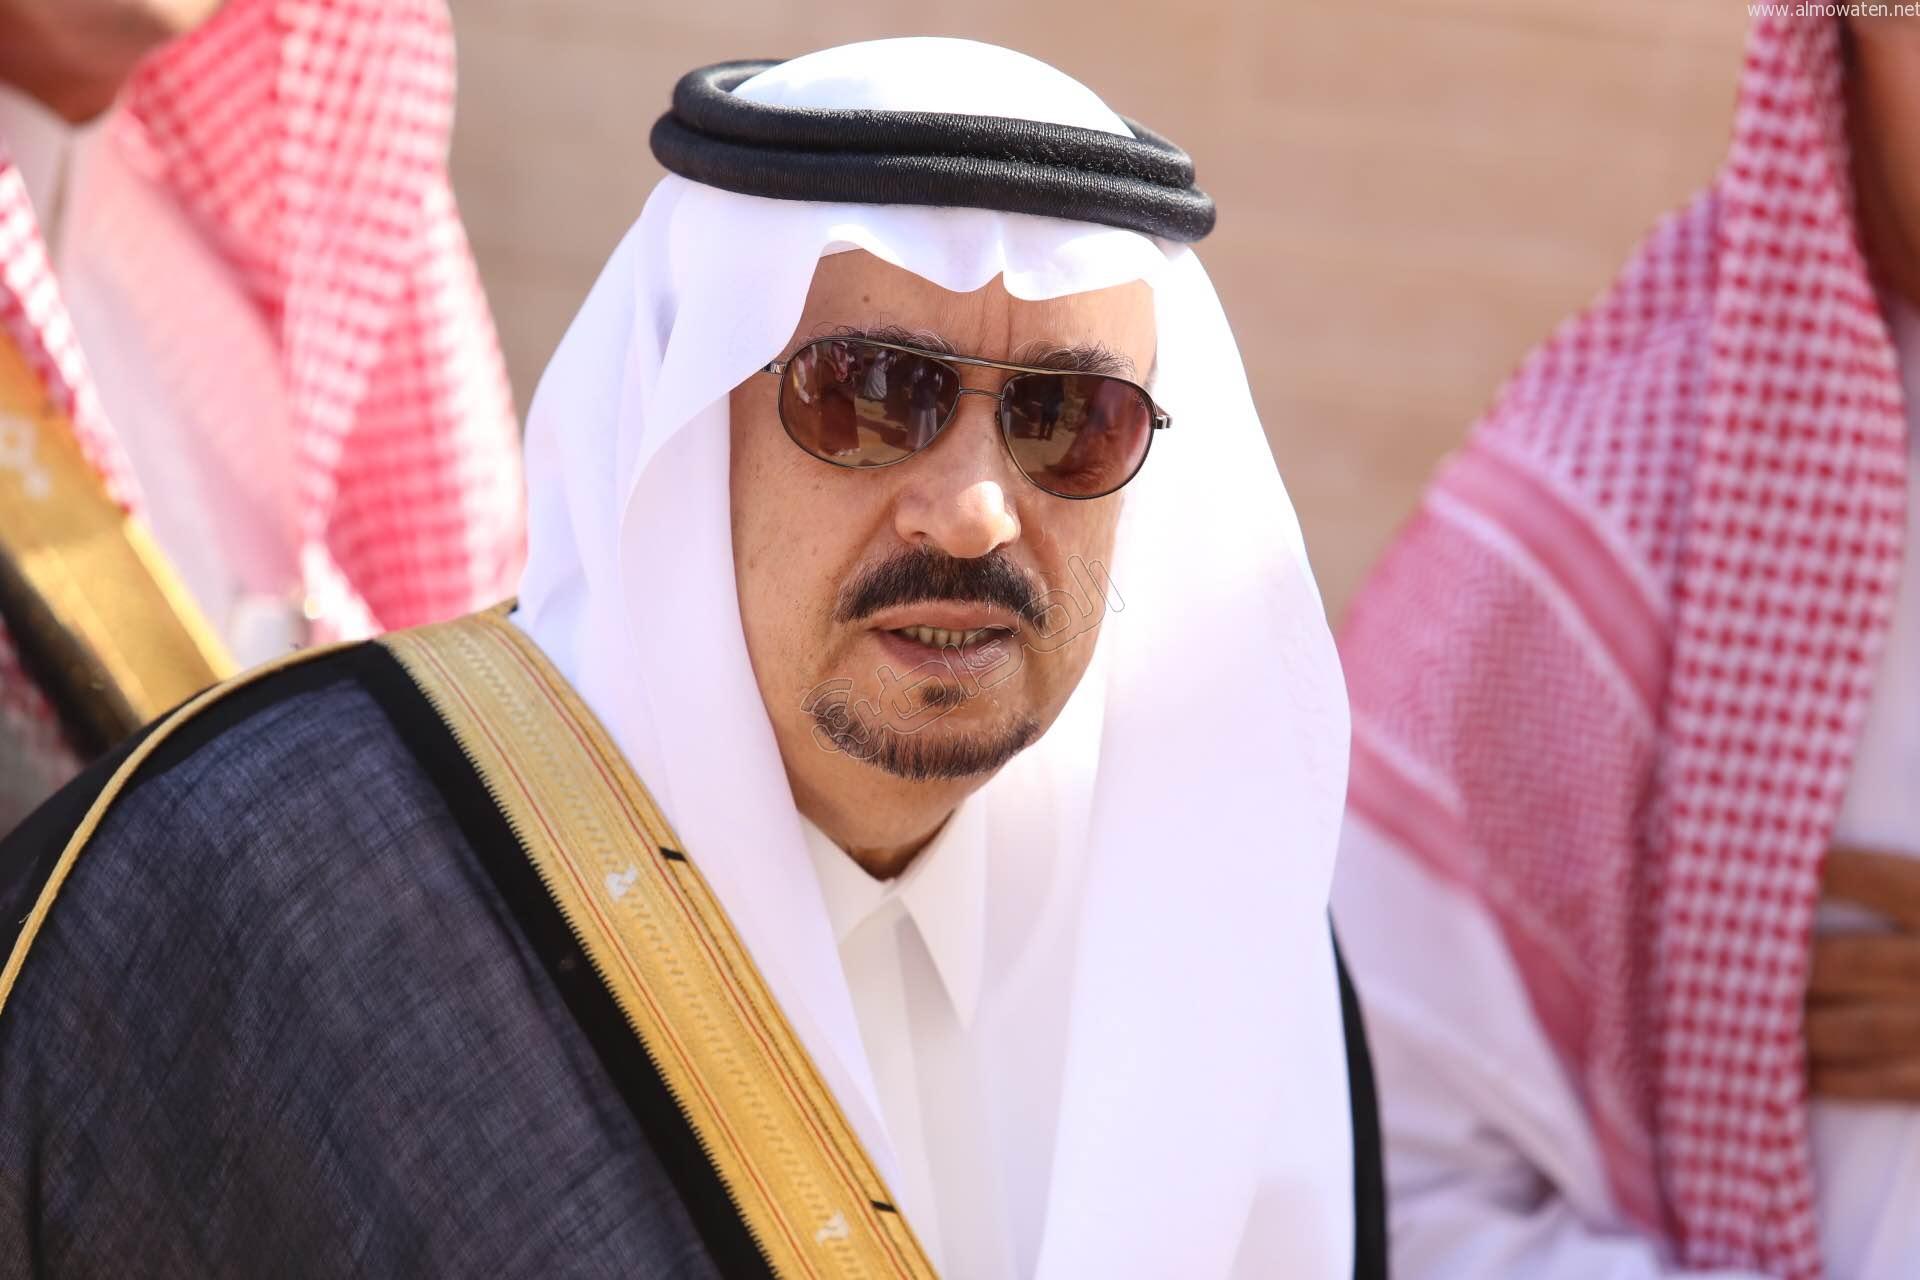 زيارامير-الرياض (4)